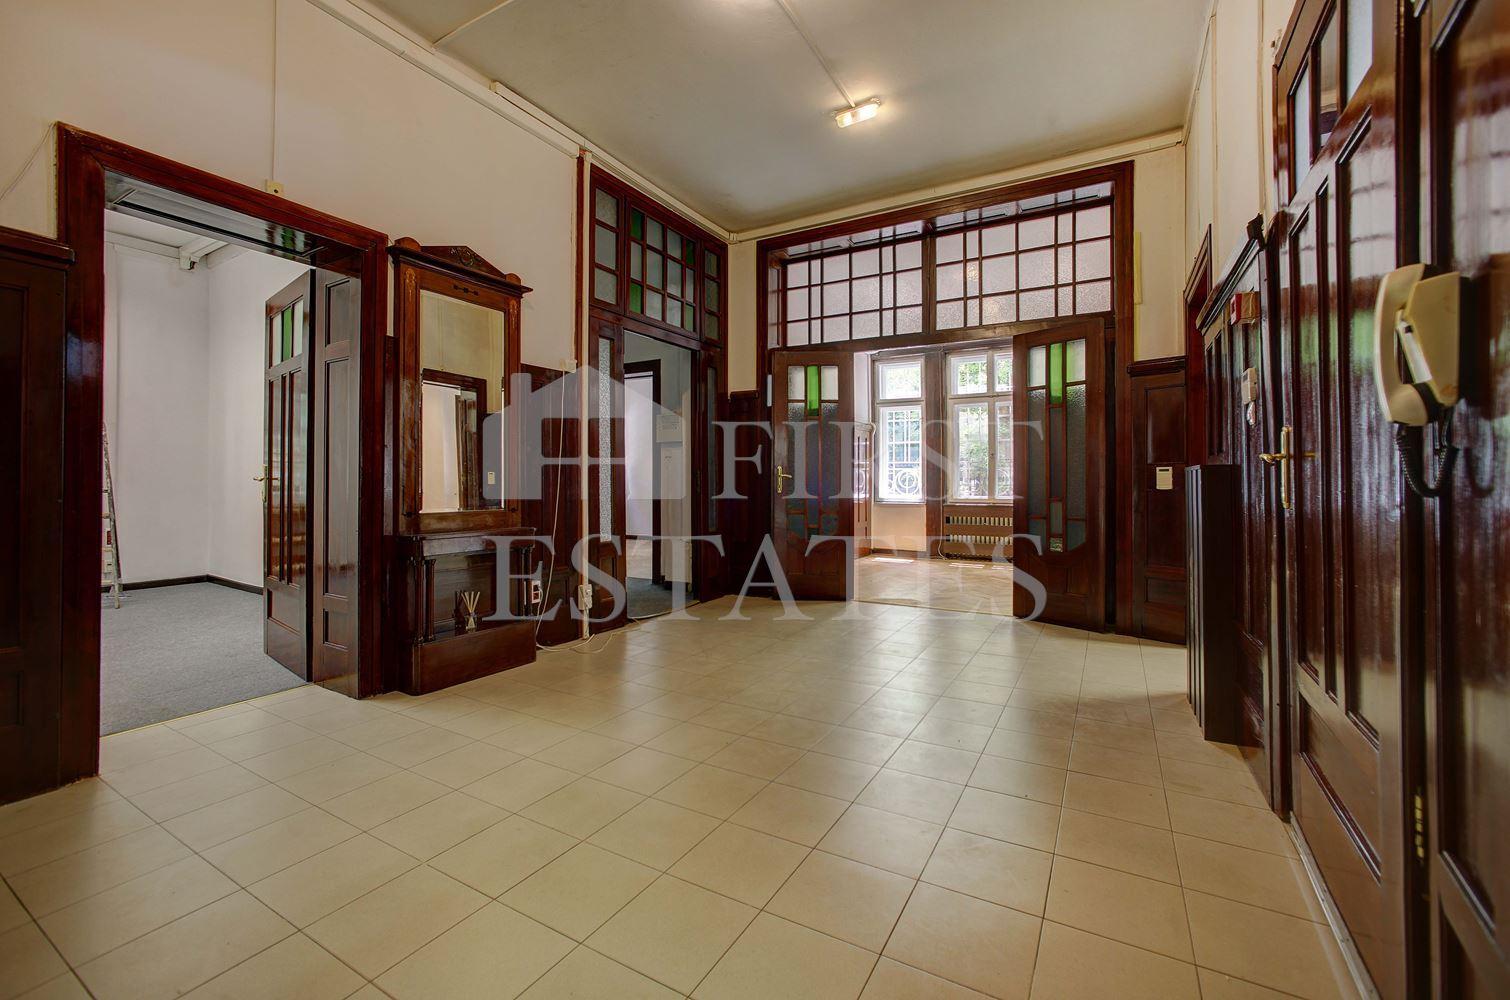 214 m² офис под наем